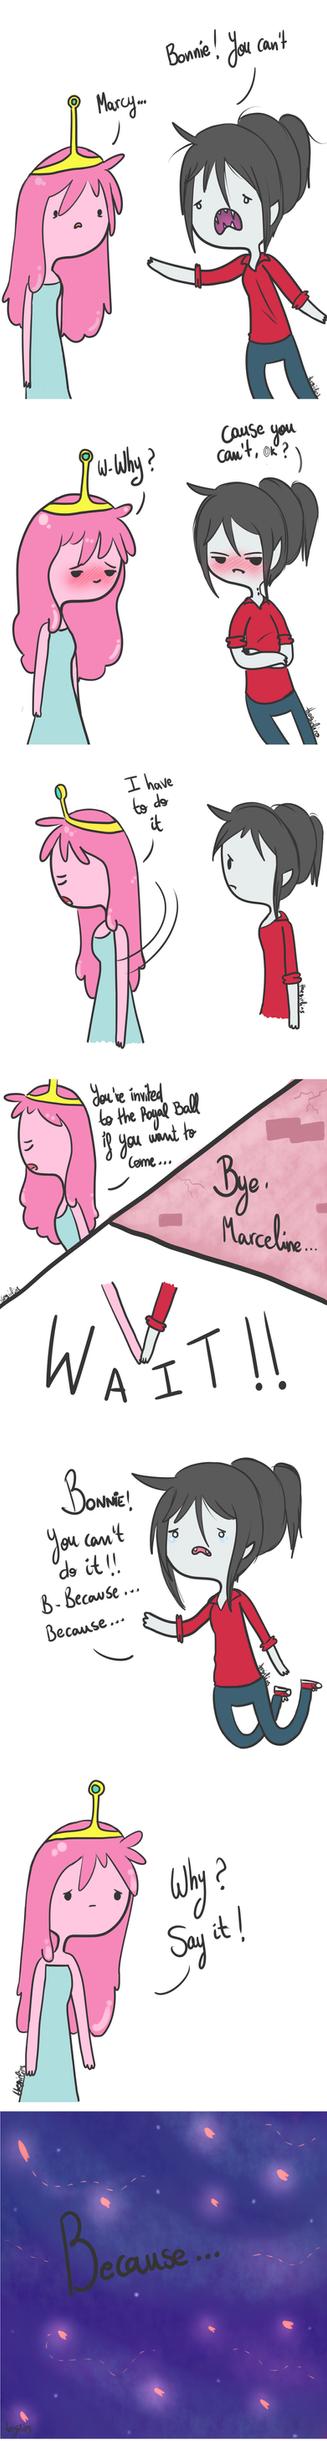 Bubbline Comic